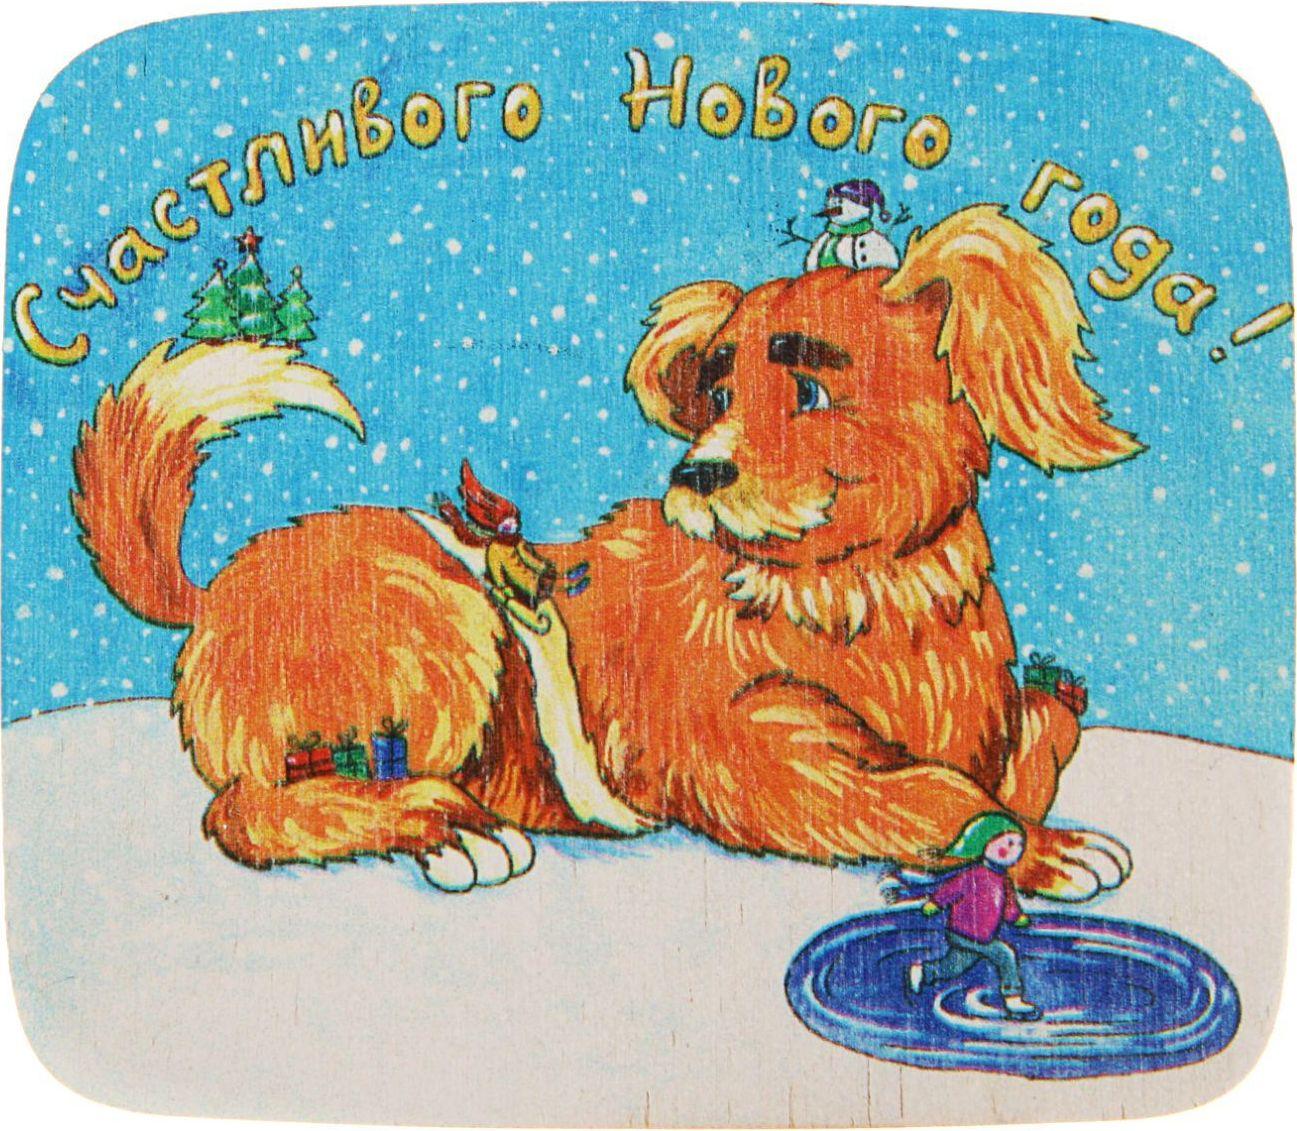 Магнит ТД ДМ Счастливого нового года. Символ года, 7 х 8 см2368030Порадуйте родных и близких оригинальным сувениром: преподнесите в подарок магнит. С ним даже самый серьёзный человек почувствует себя ребёнком, ожидающим чудо! Создайте праздничное настроение, и оно останется с вами на весь год.